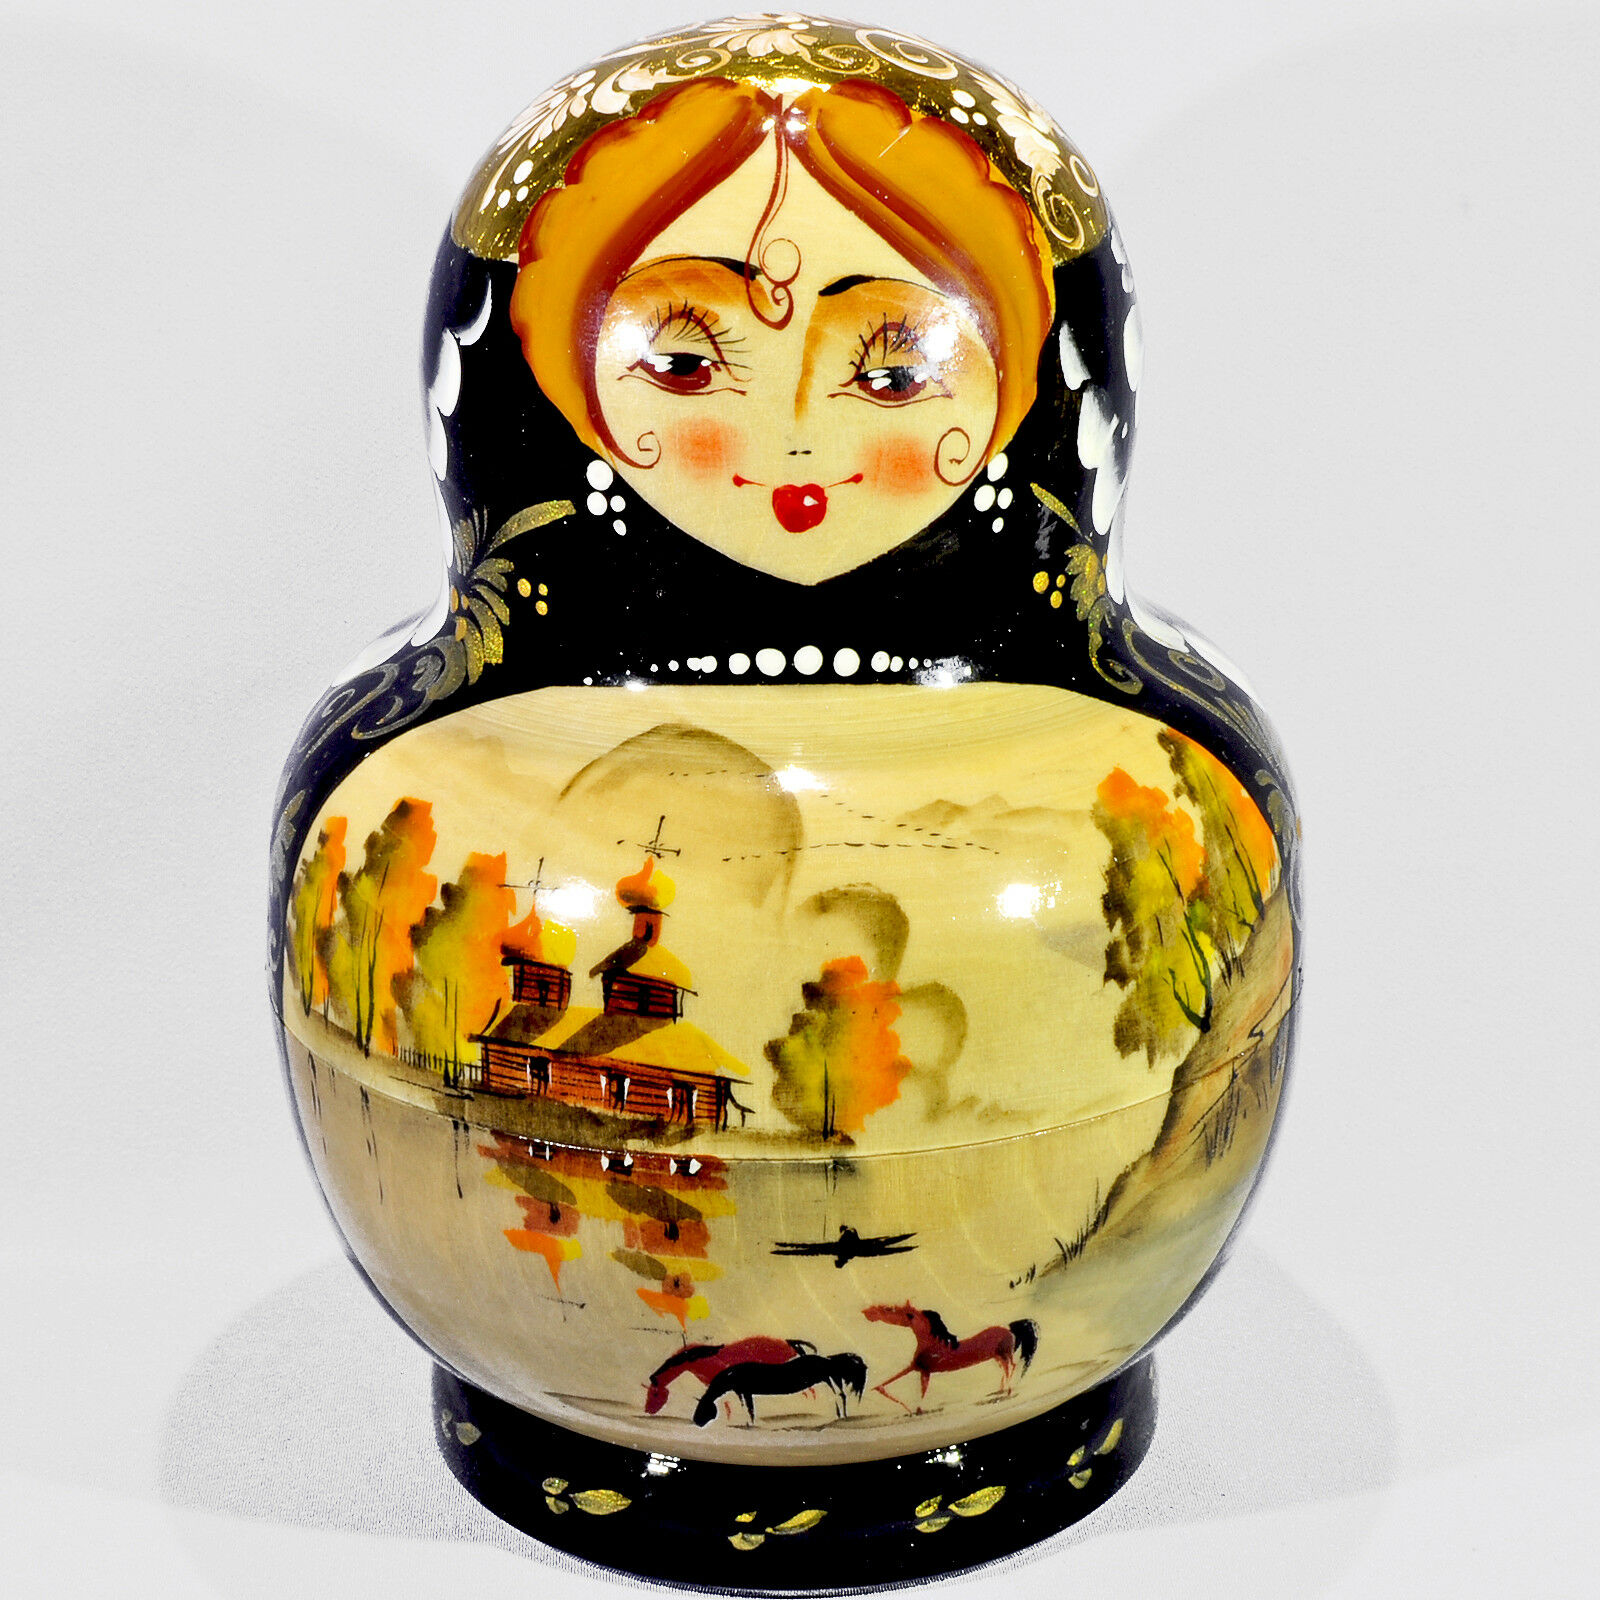 10 Pieces Set  Autentico Russo Matrioska Bambole con Miniature 10PCS  prezzo più economico